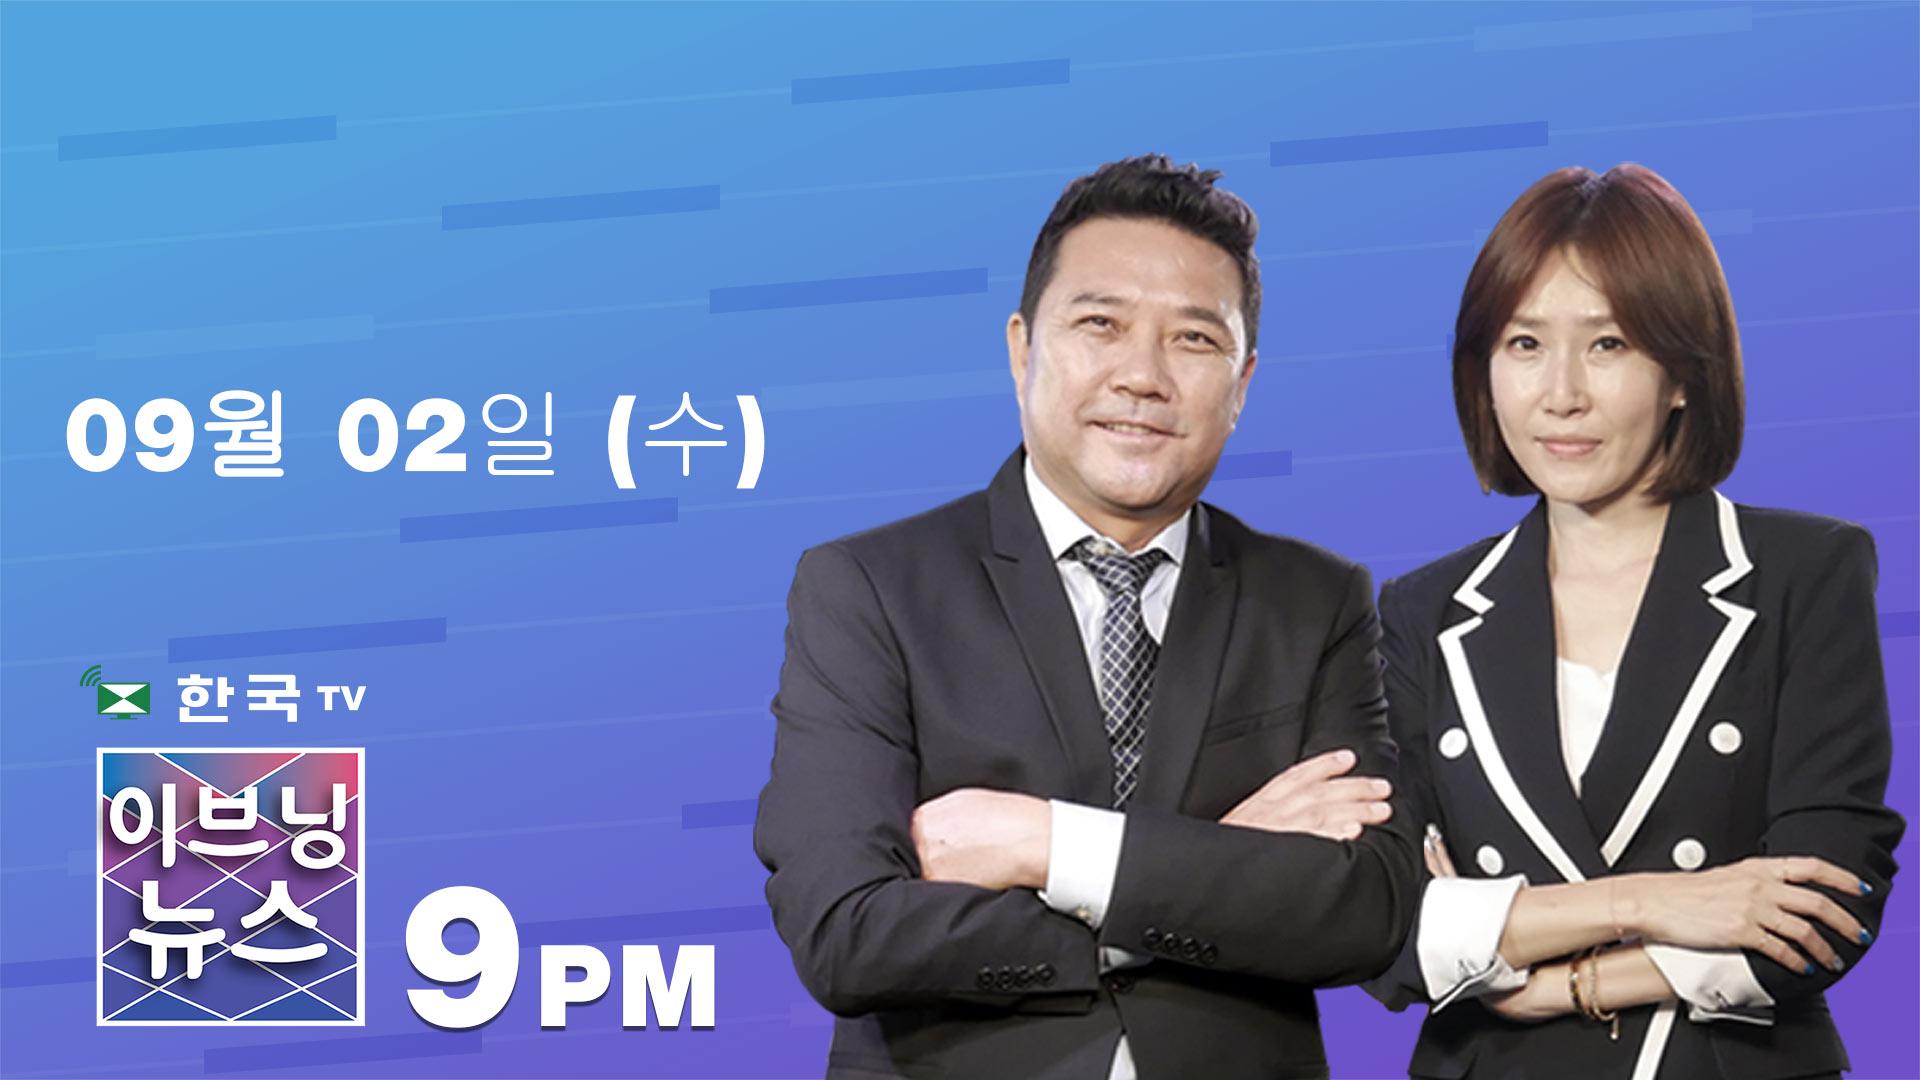 (09.02.2020) 한국TV 이브닝 뉴스